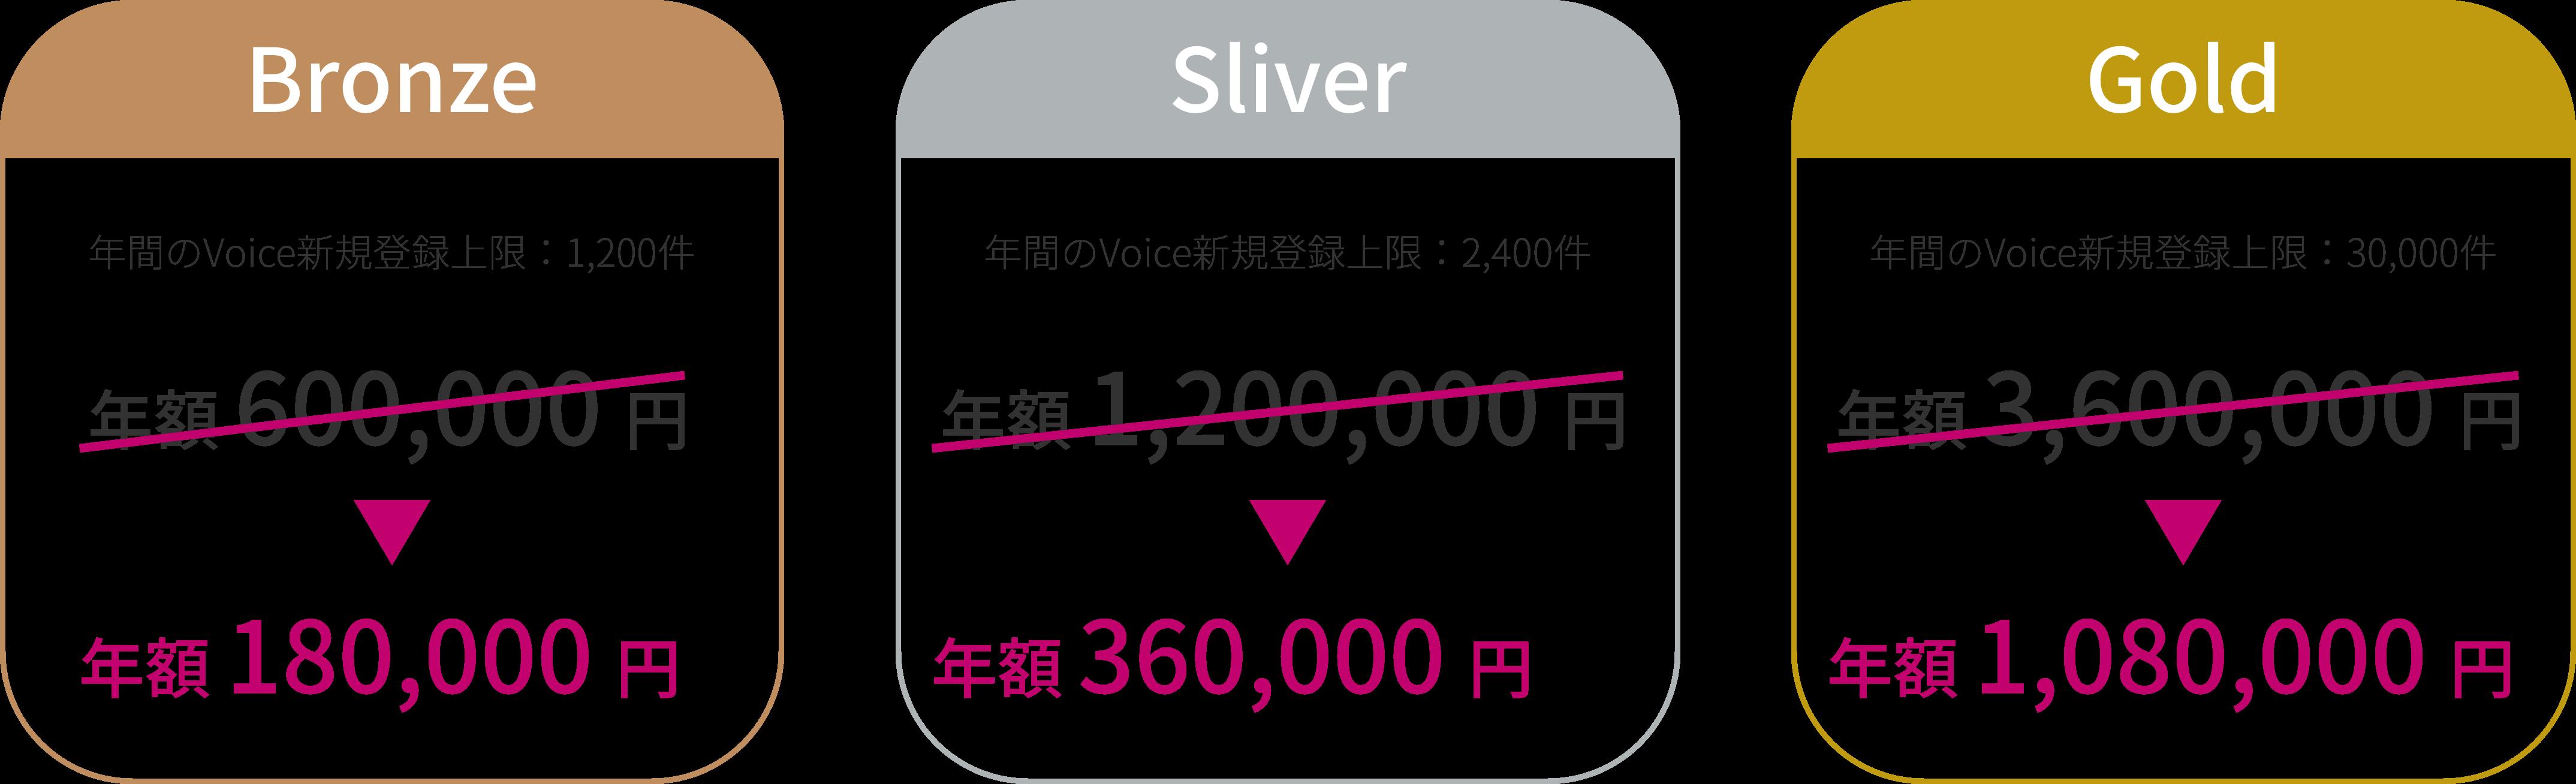 campaign_price